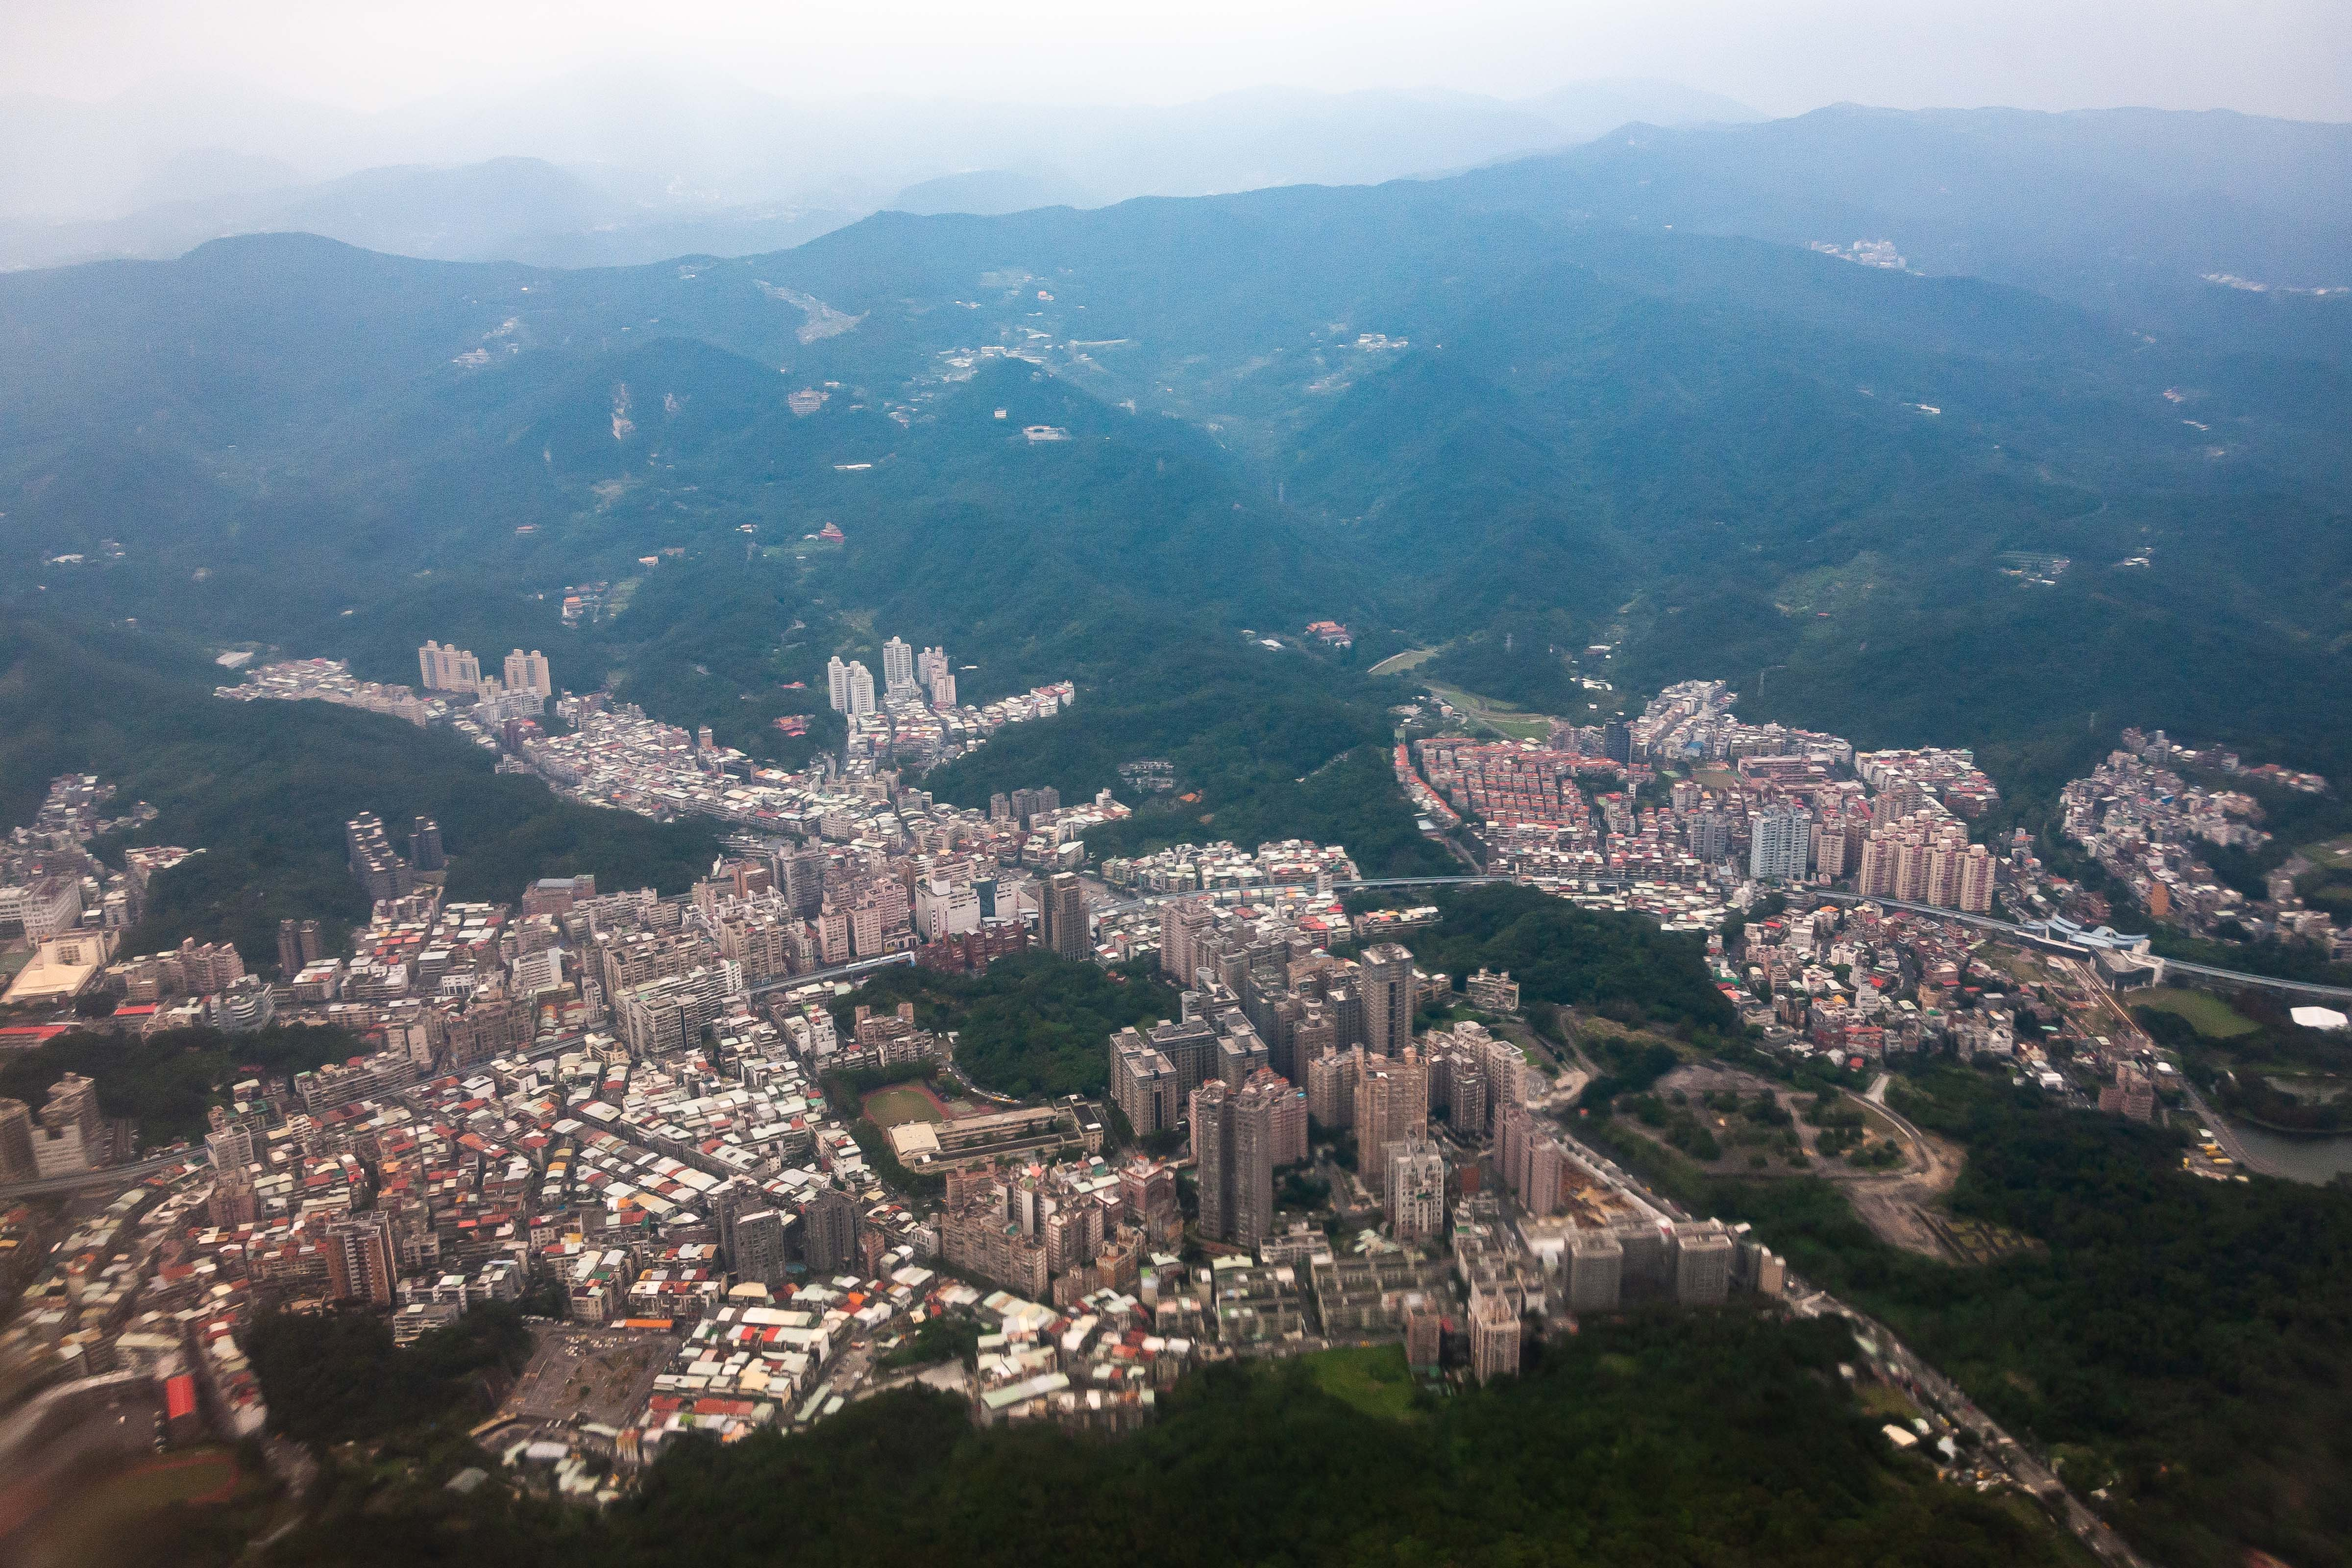 Taiwan, Taipei City (TW-TPE) Prov, Aerial View, 2009, IMG 3989